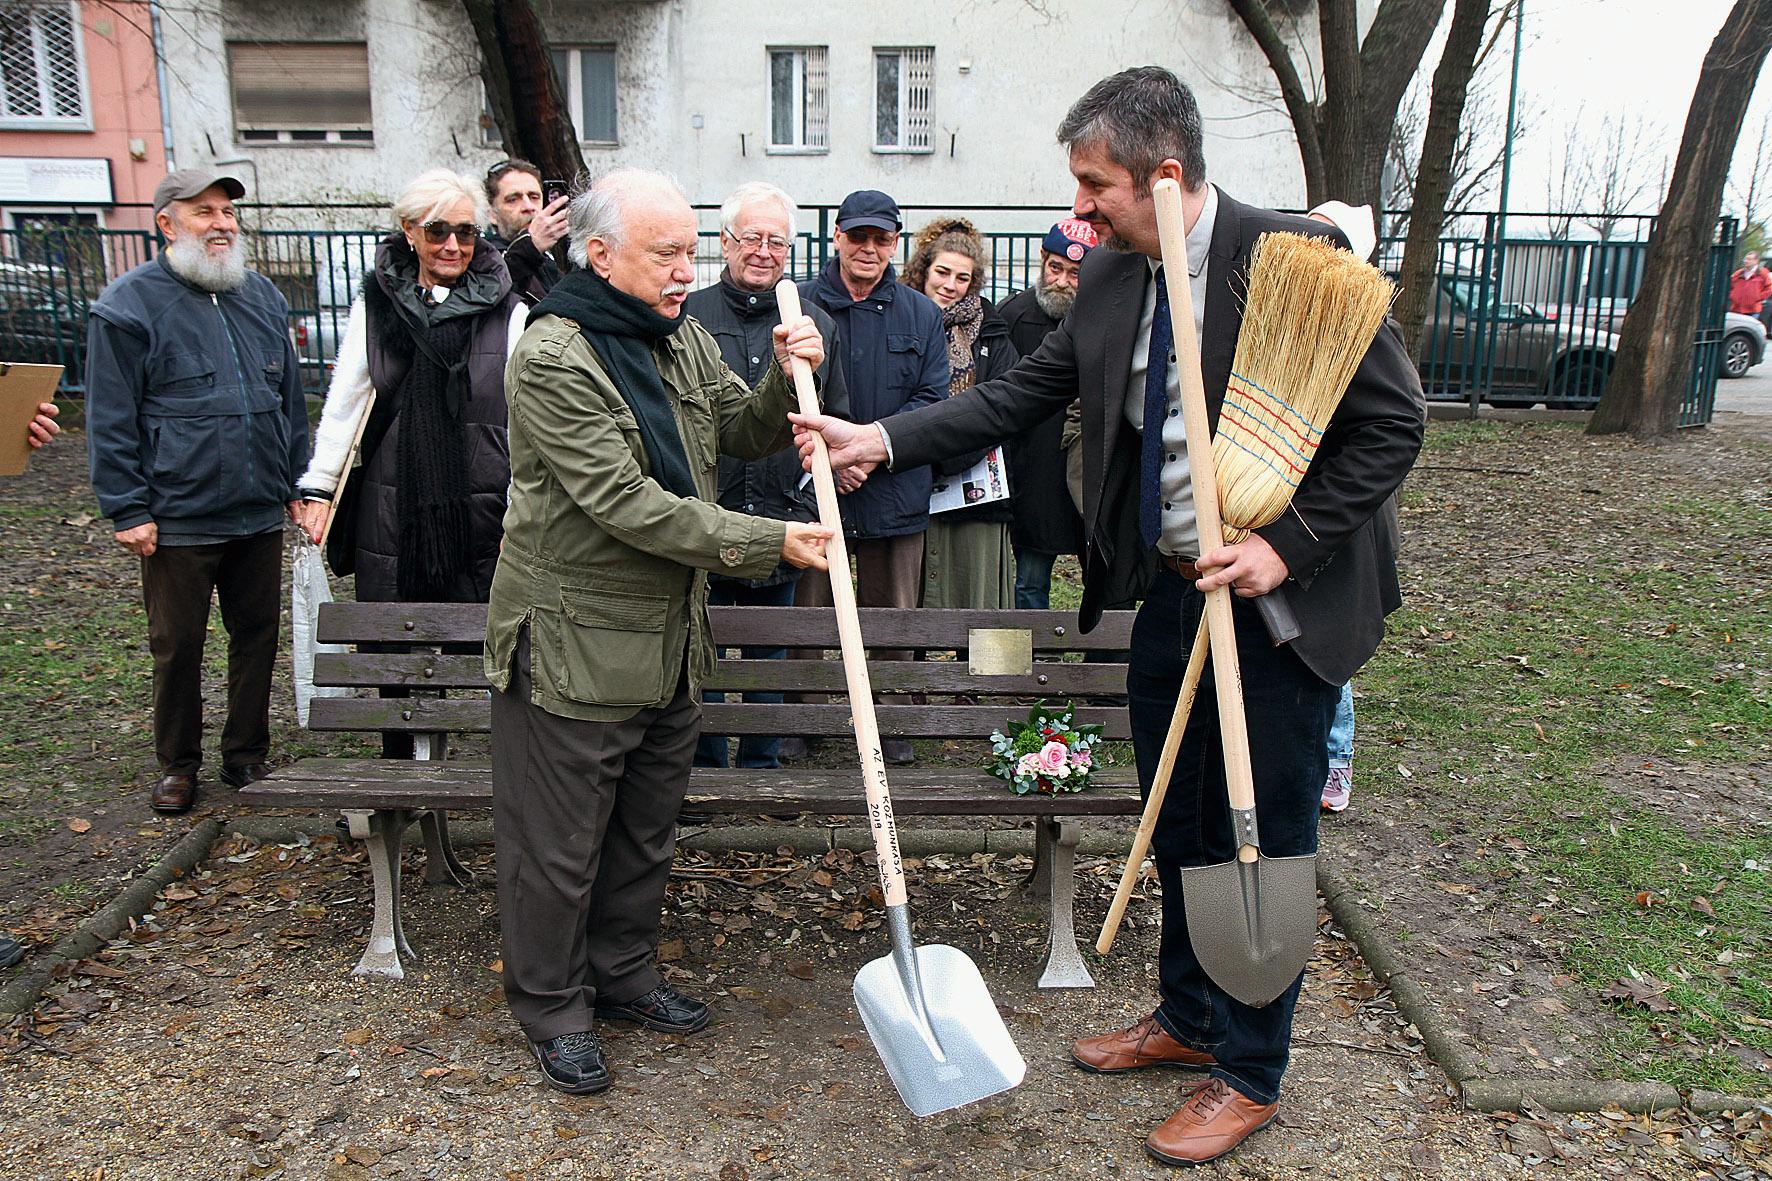 Farkasházy Tivadar átadott egy lapátot Hadházy Ákosnak